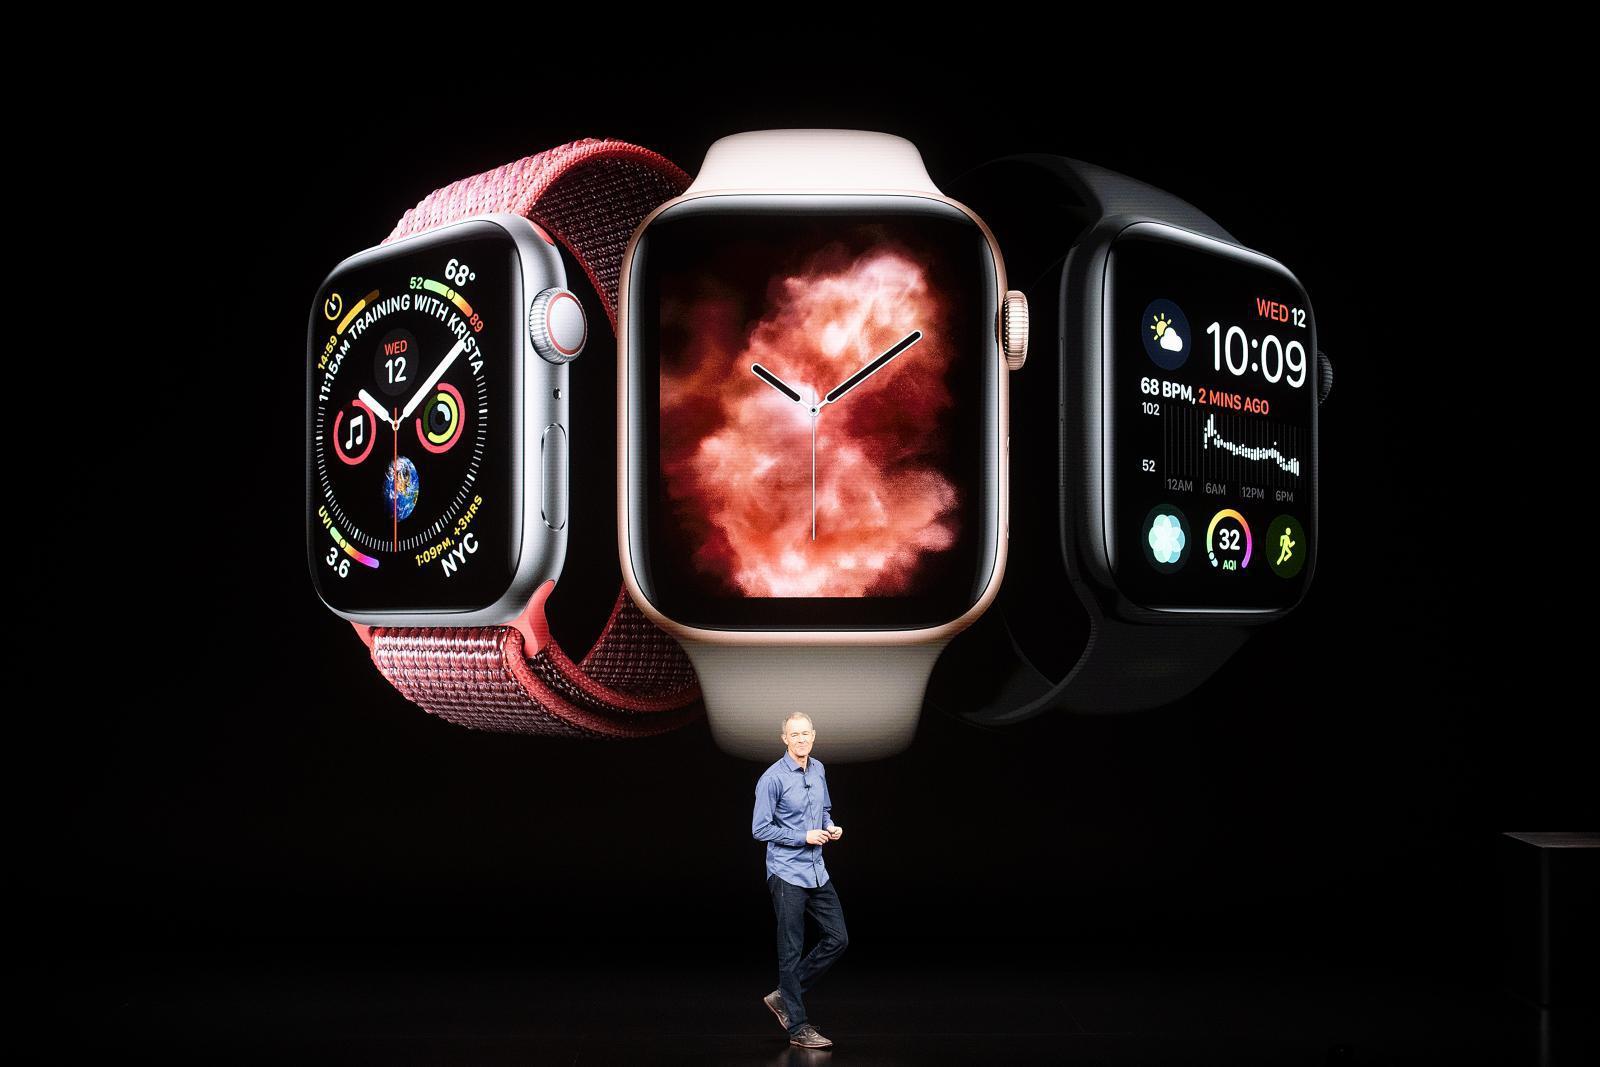 """""""แอปเปิ้ล"""" เปิดตัวไอโฟนใหม่ 3 รุ่น-แอปเปิ้ลวอทช์ ซีรีส์ 4"""